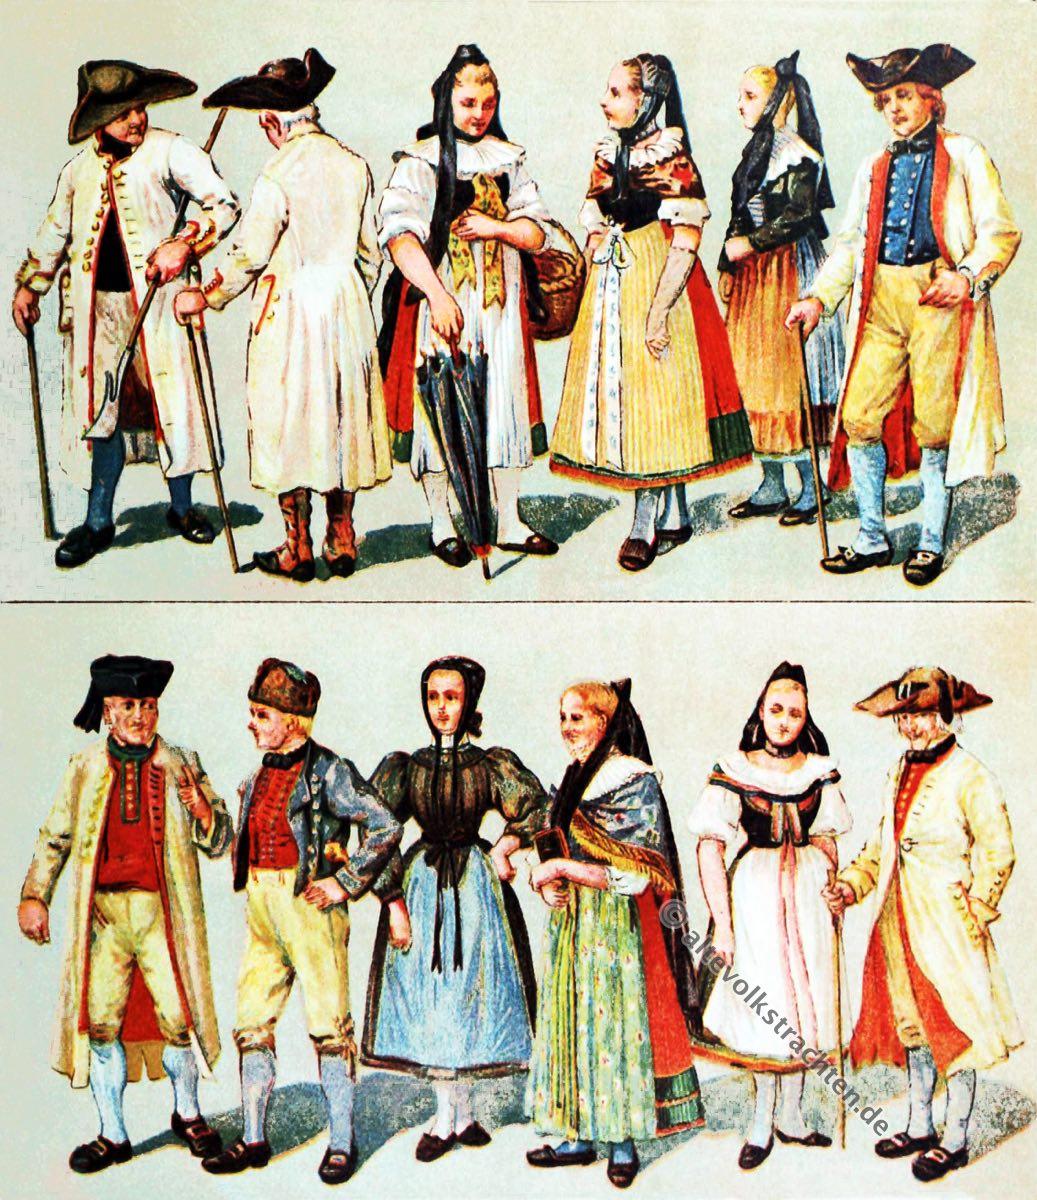 Bortfeld, Groß-Denkte, Wolfenbüttel, Braunschweig, Schäfer, Tracht, Trachten, Kostümkunde, Volkstrachten, Bauertrachten, Modegeschichte, Kostümgeschichte, historische Kleidung